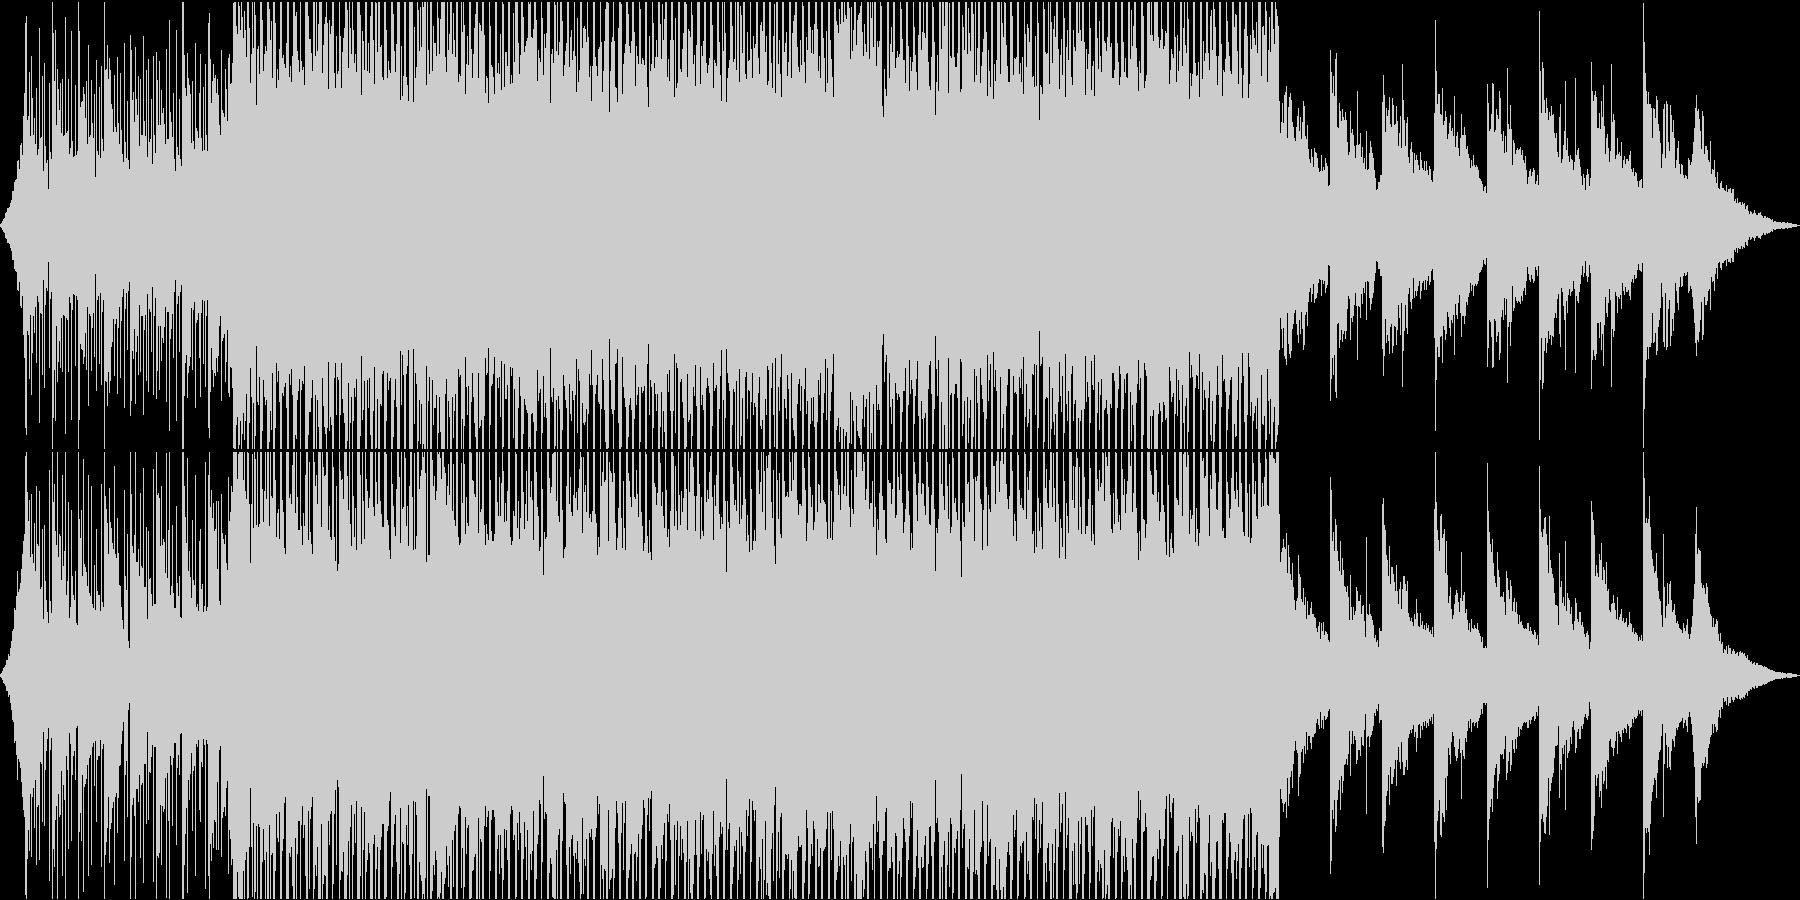 透明感のあるコーポレート系BGMの未再生の波形